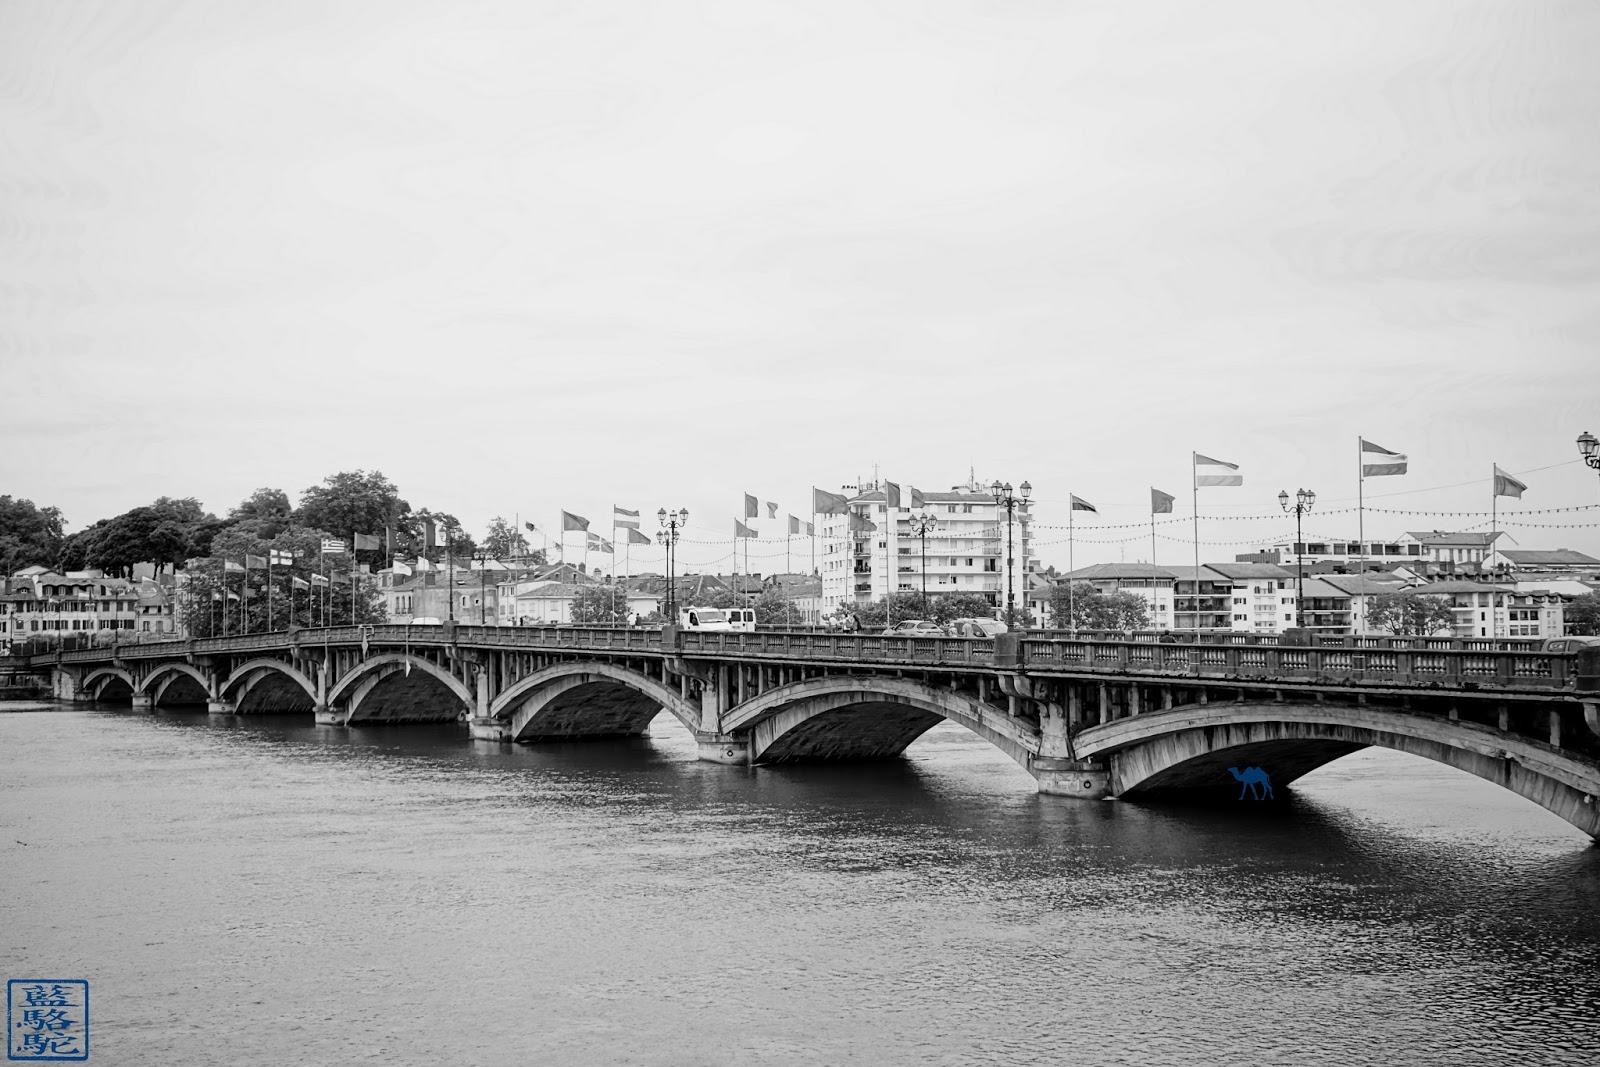 Le Chameau Bleu - Pont Saint Esprit  de  Bayonne - Pays Basque